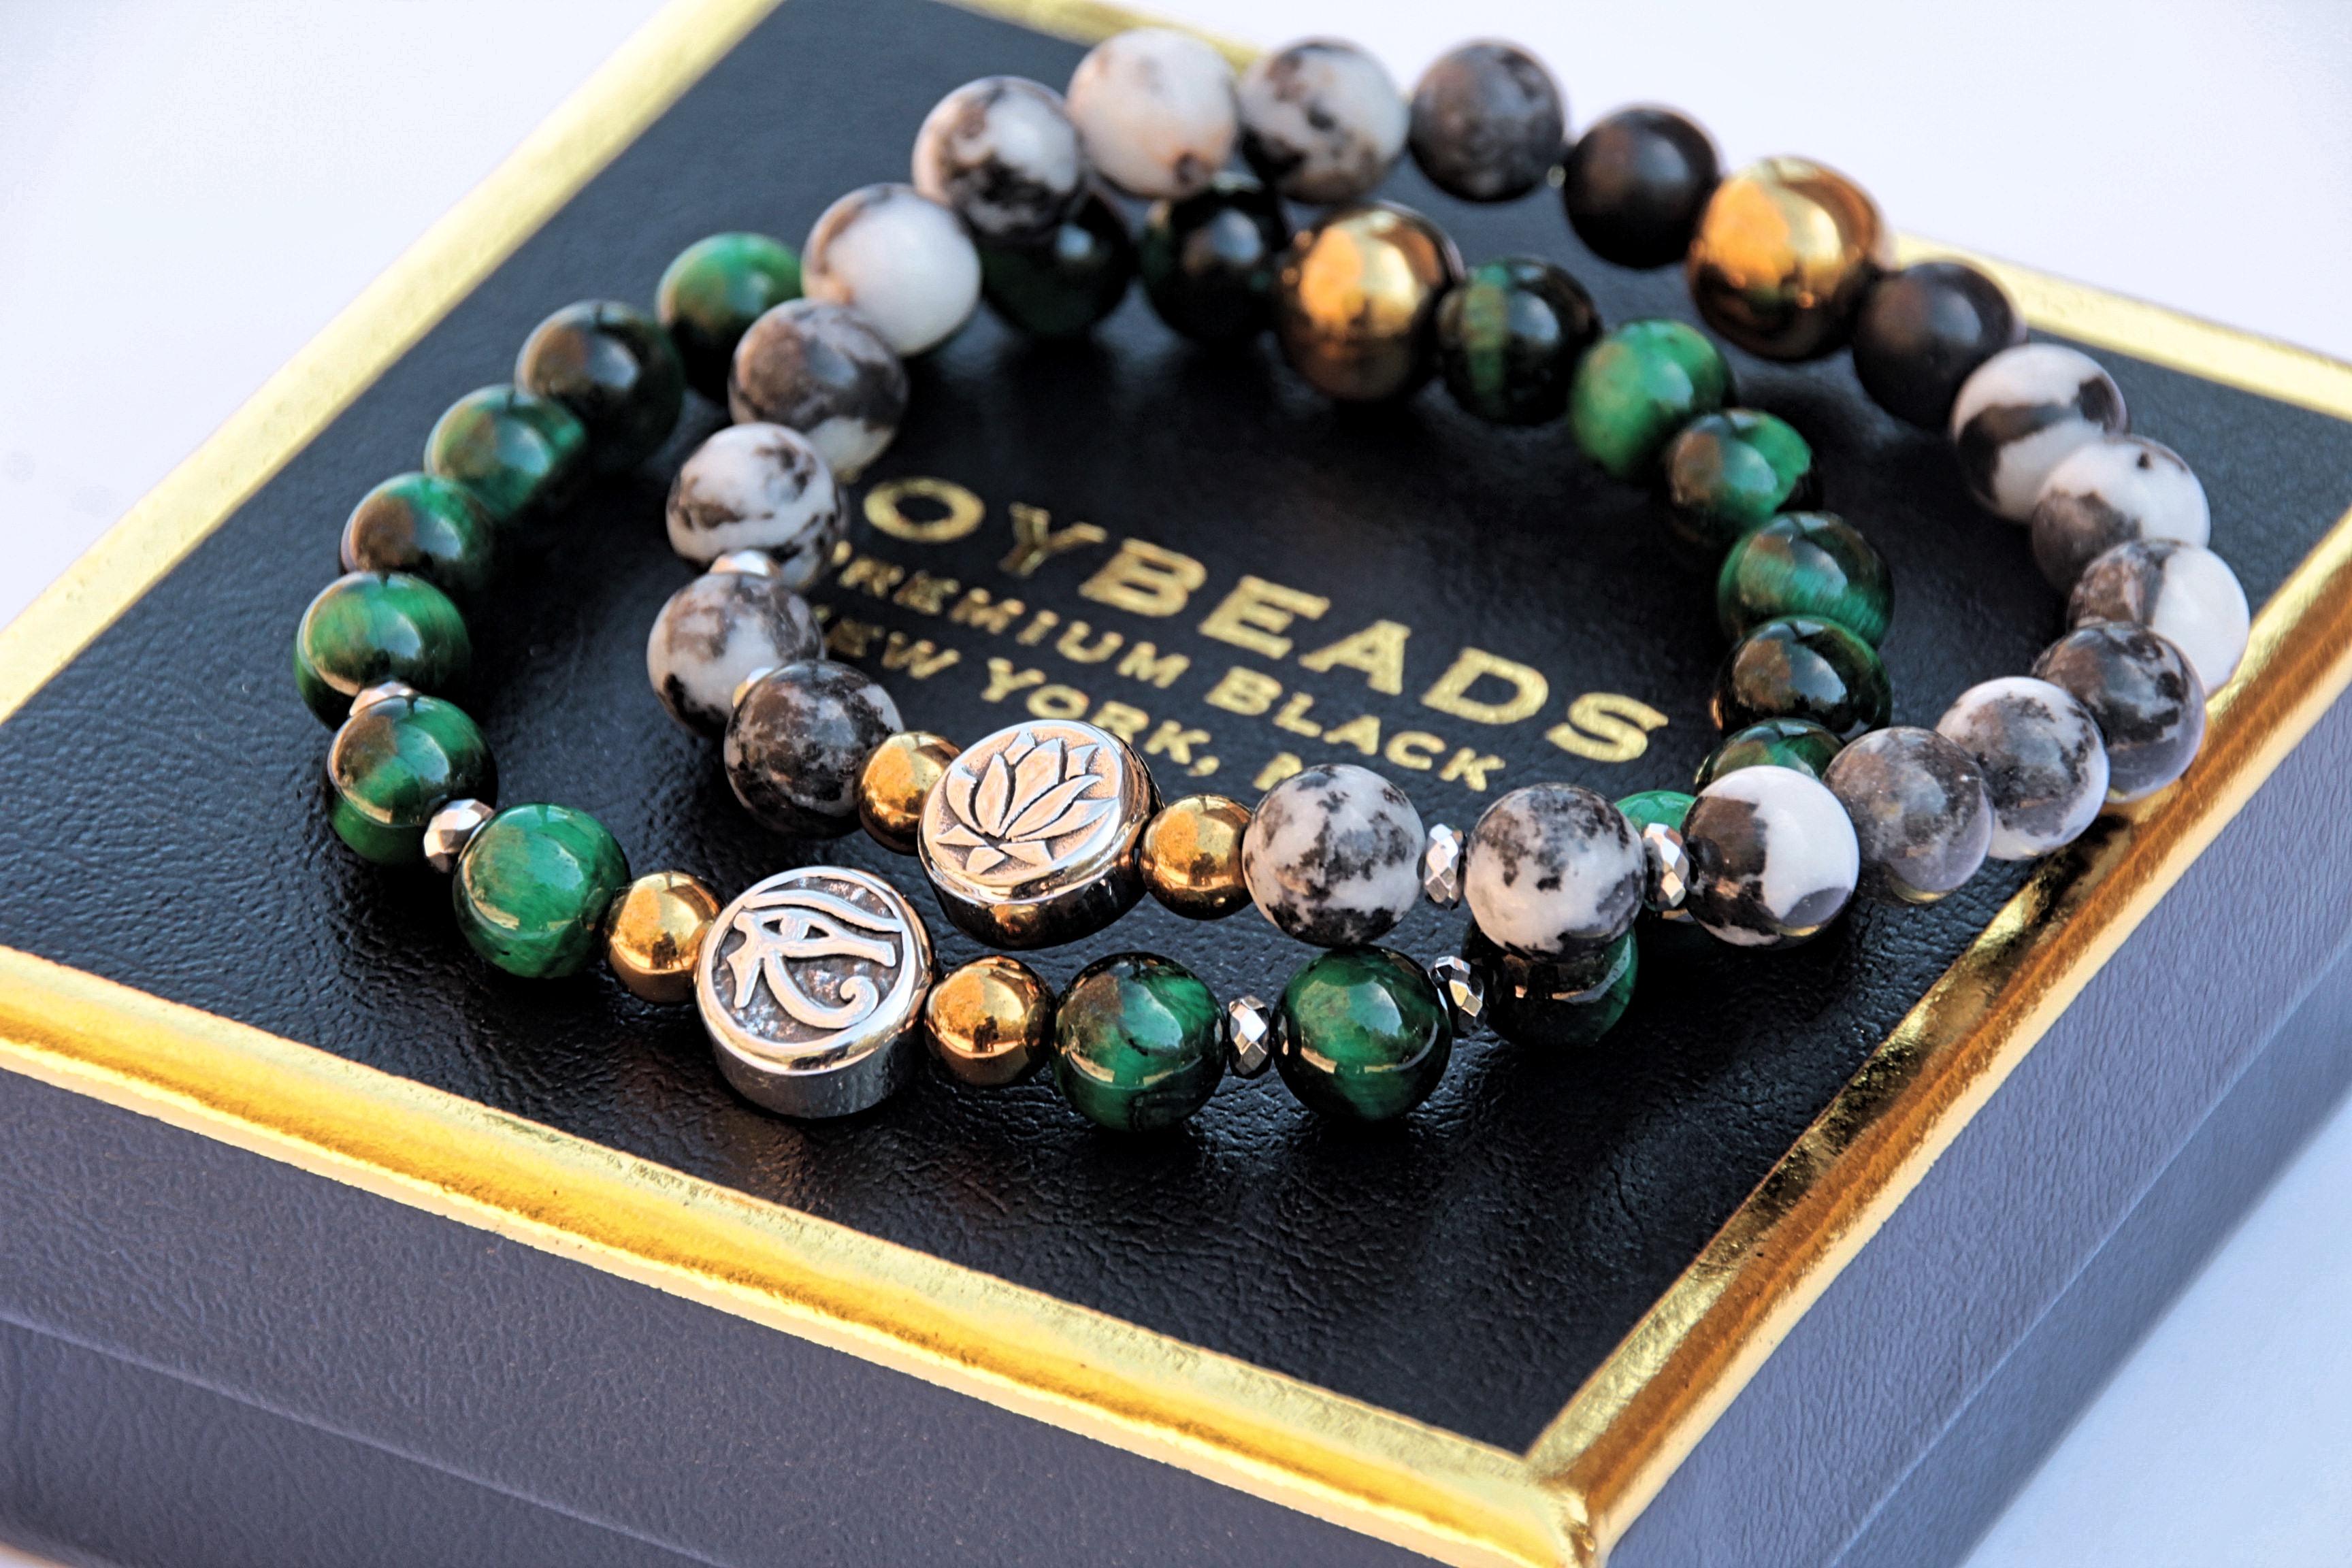 lotus-flower-eye-of-ra-horus-boybeads-orange-carnelian-bead-bracelet-for-guys-men-gifts-for-him-2020.jpg